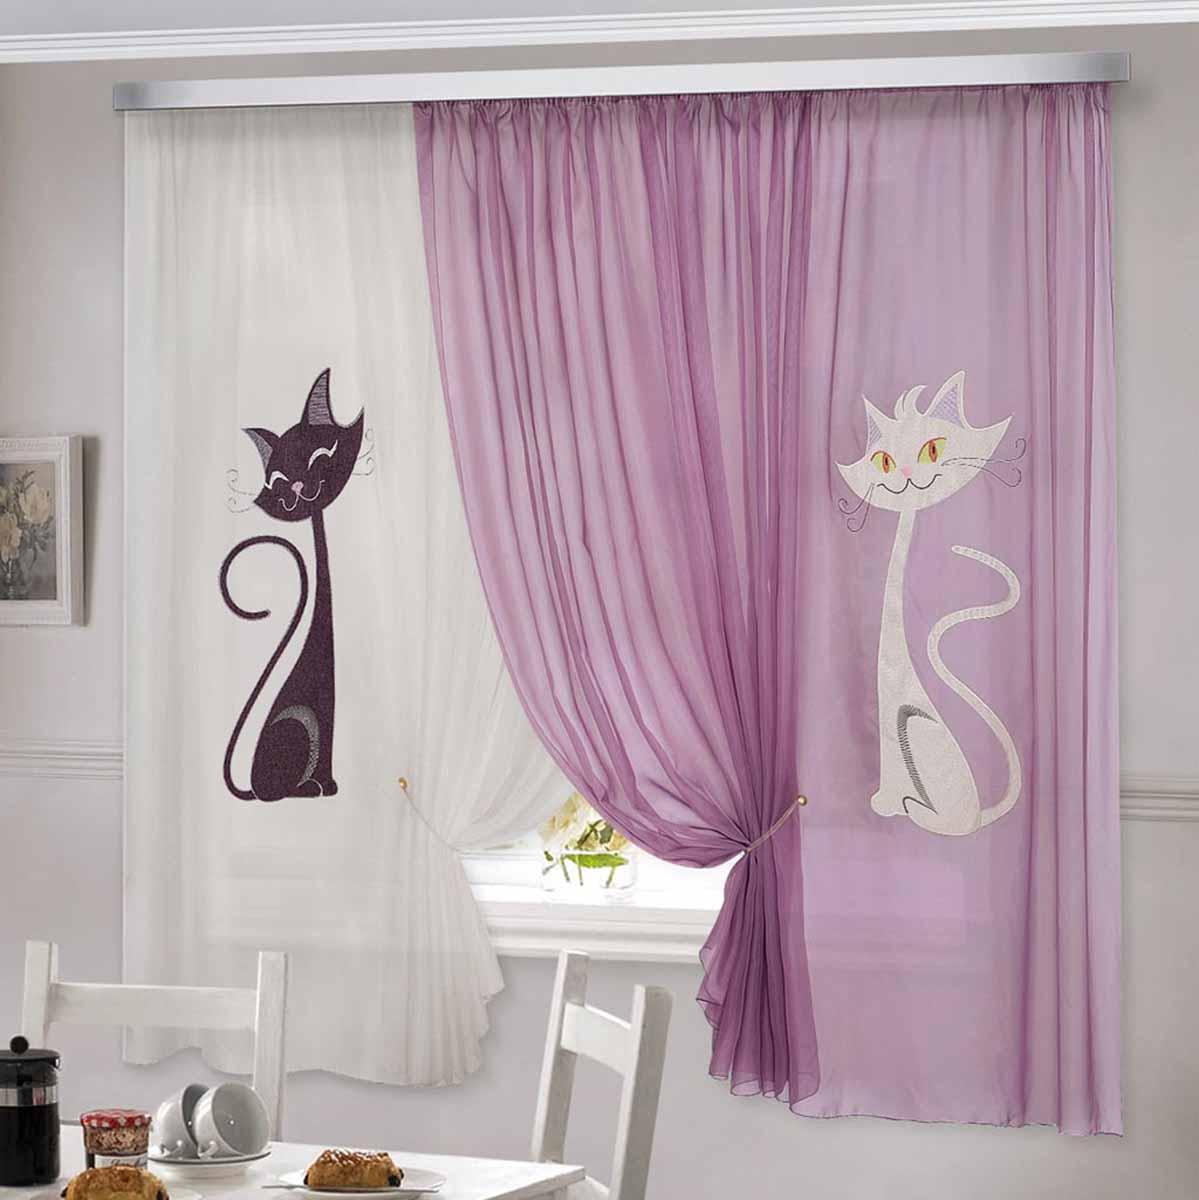 """Комплект штор """"Кэти"""" изготовлен из вуалевого полотна с аппликацией в виде кошек. Шторы крепятся на карниз при помощи ленты, которая поможет красиво и равномерно задрапировать верх."""